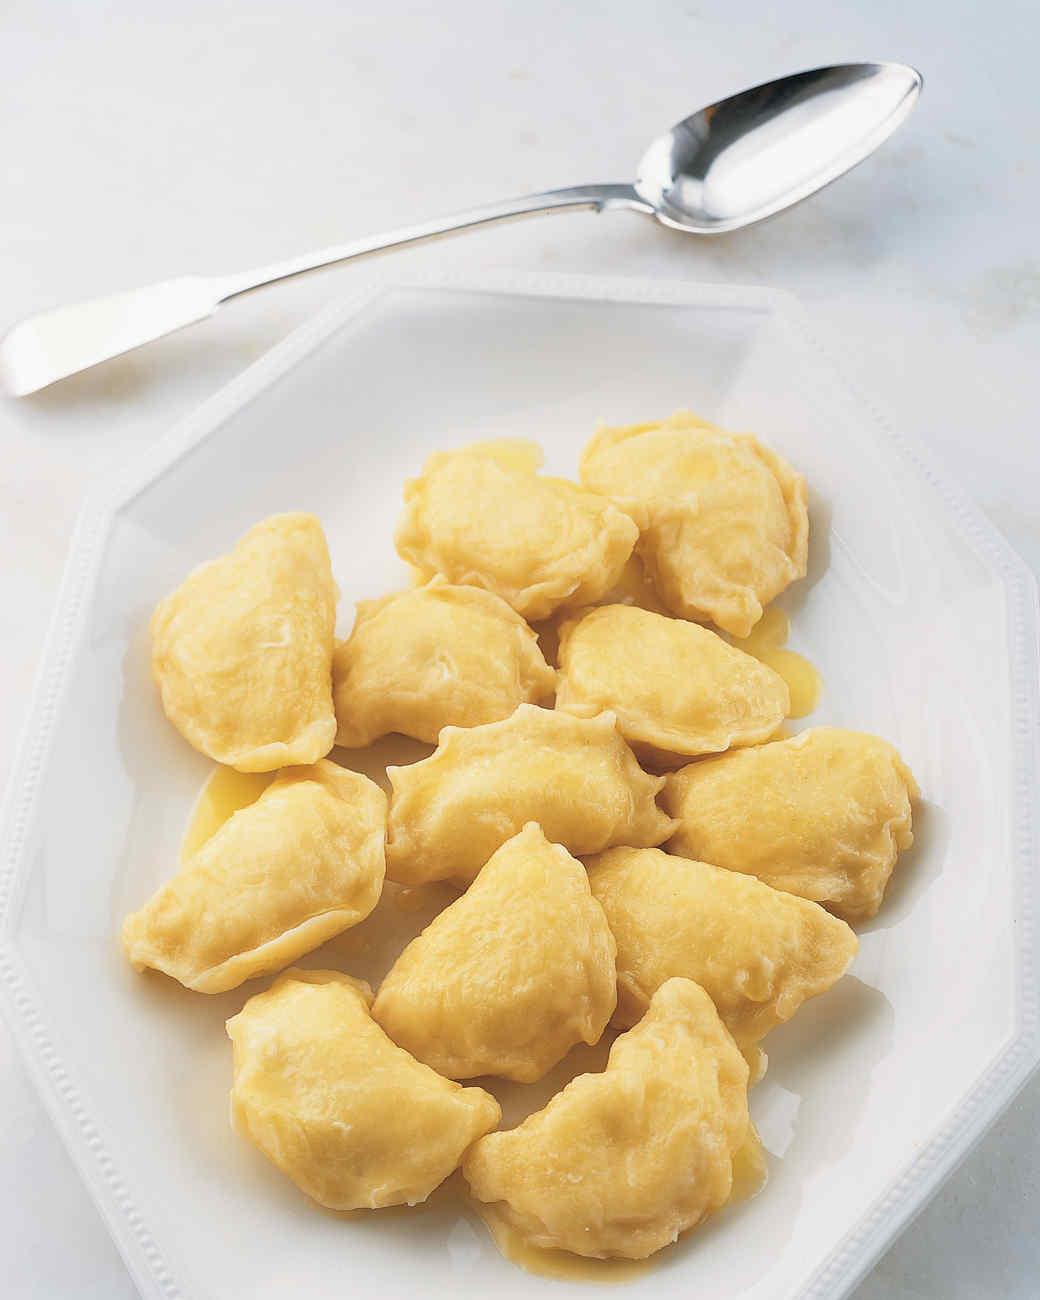 dumplings-0204-mla100565.jpg